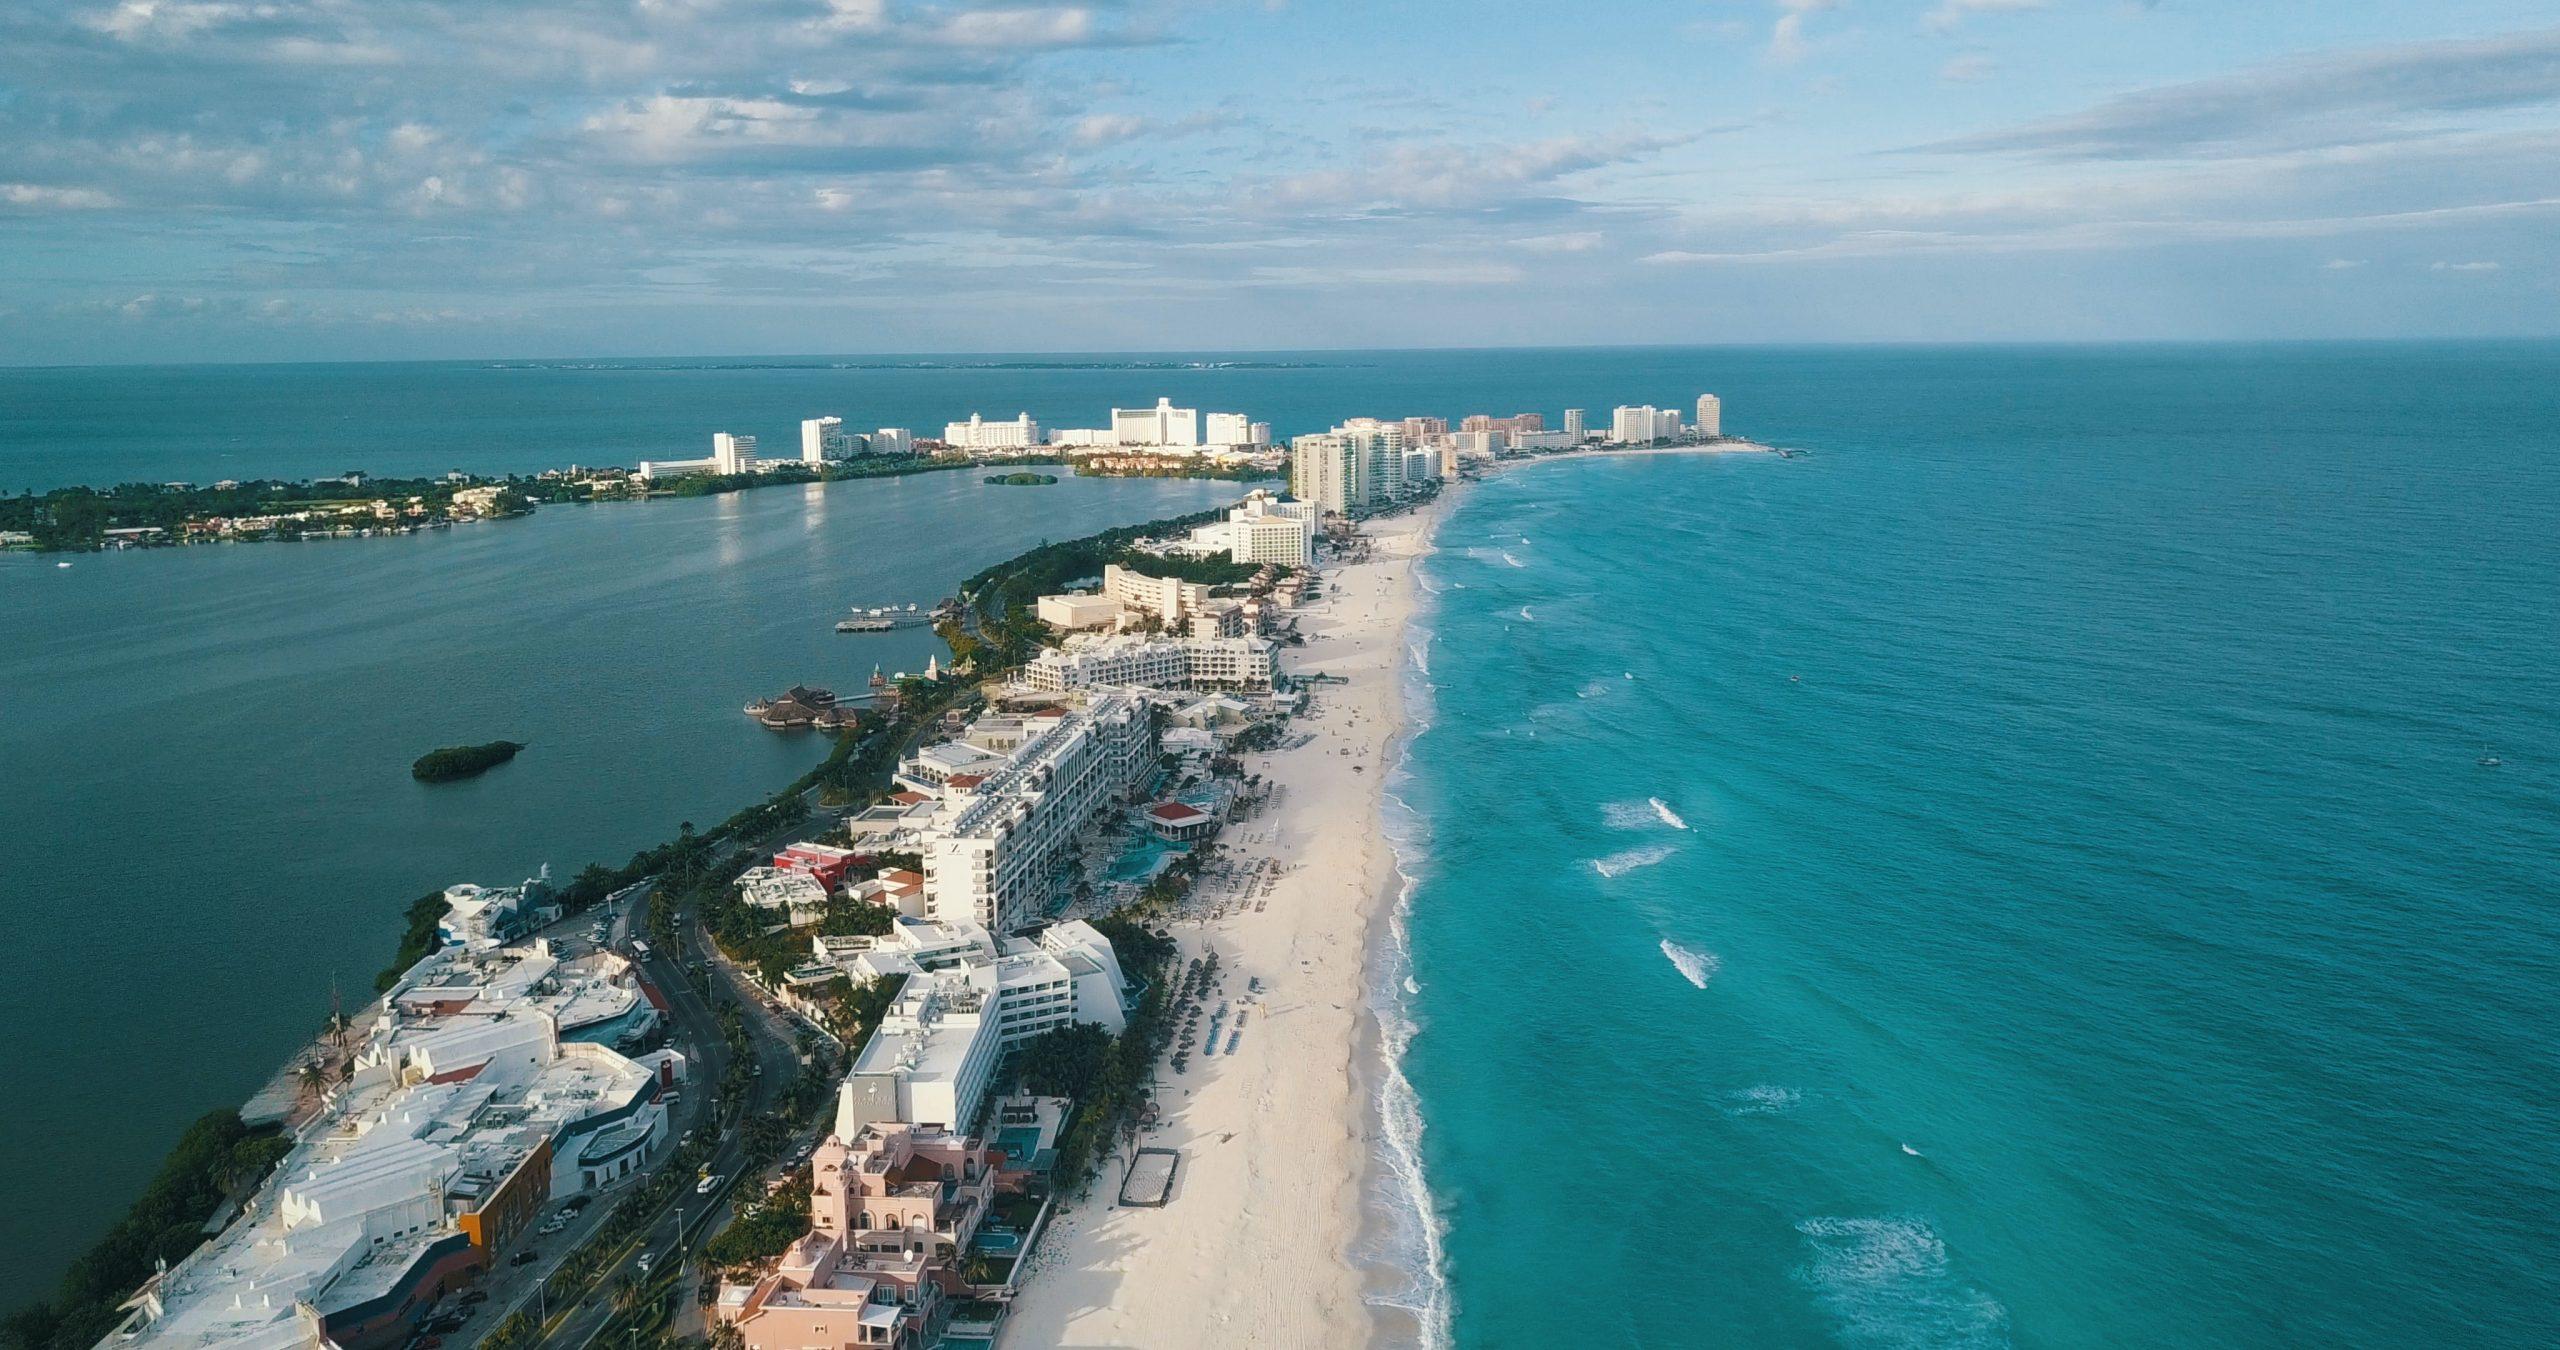 Cancun Drone View By Gerson Repreza [unsplash]